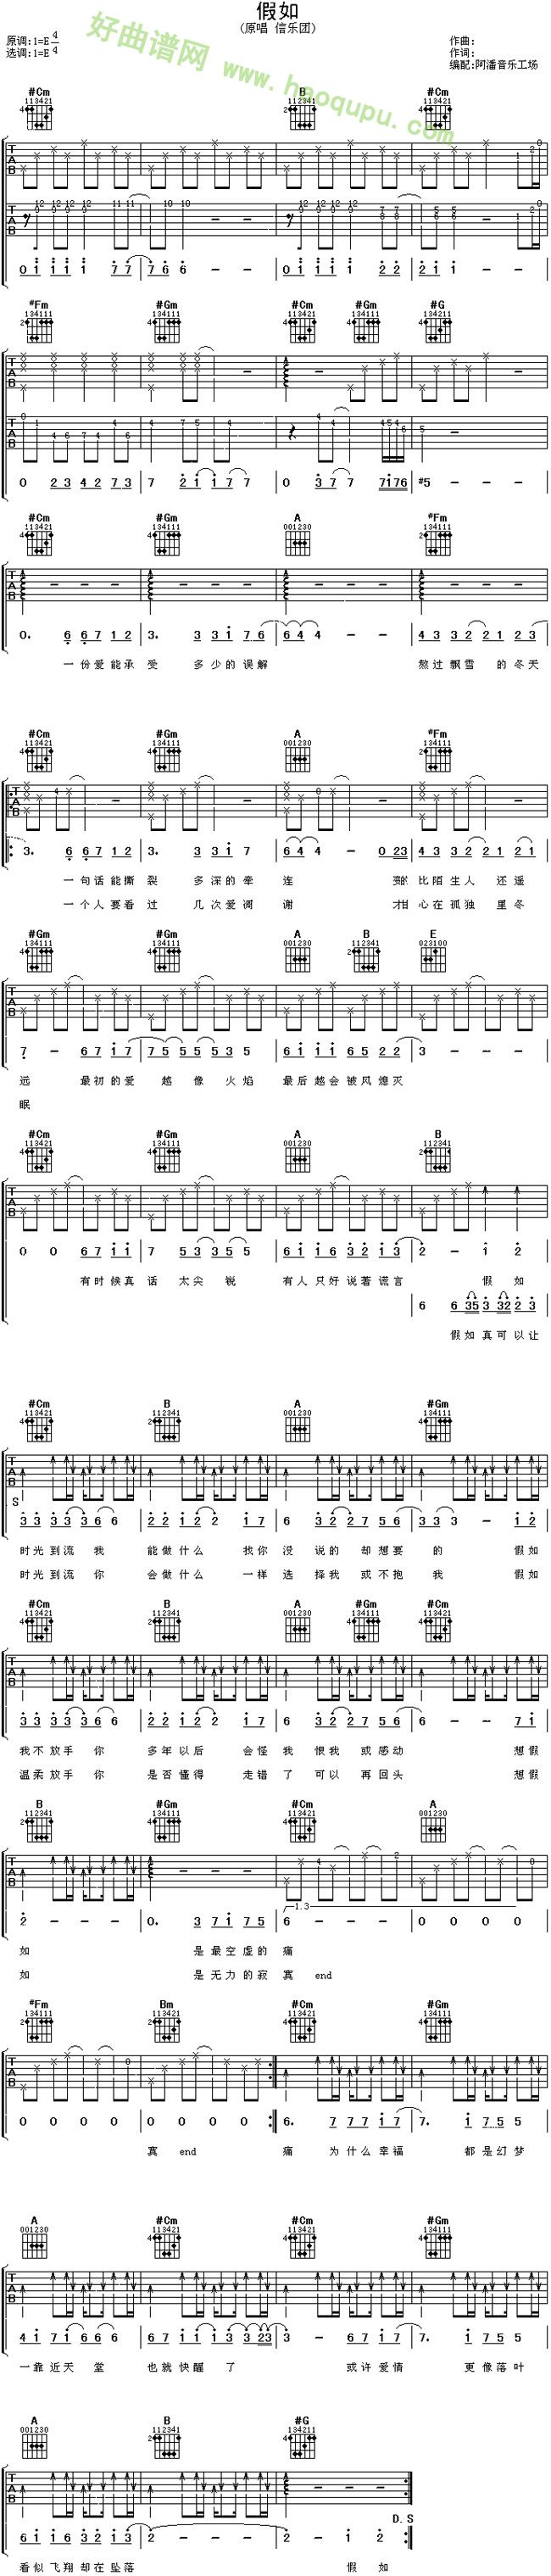 《假如》信乐团 - 吉他谱